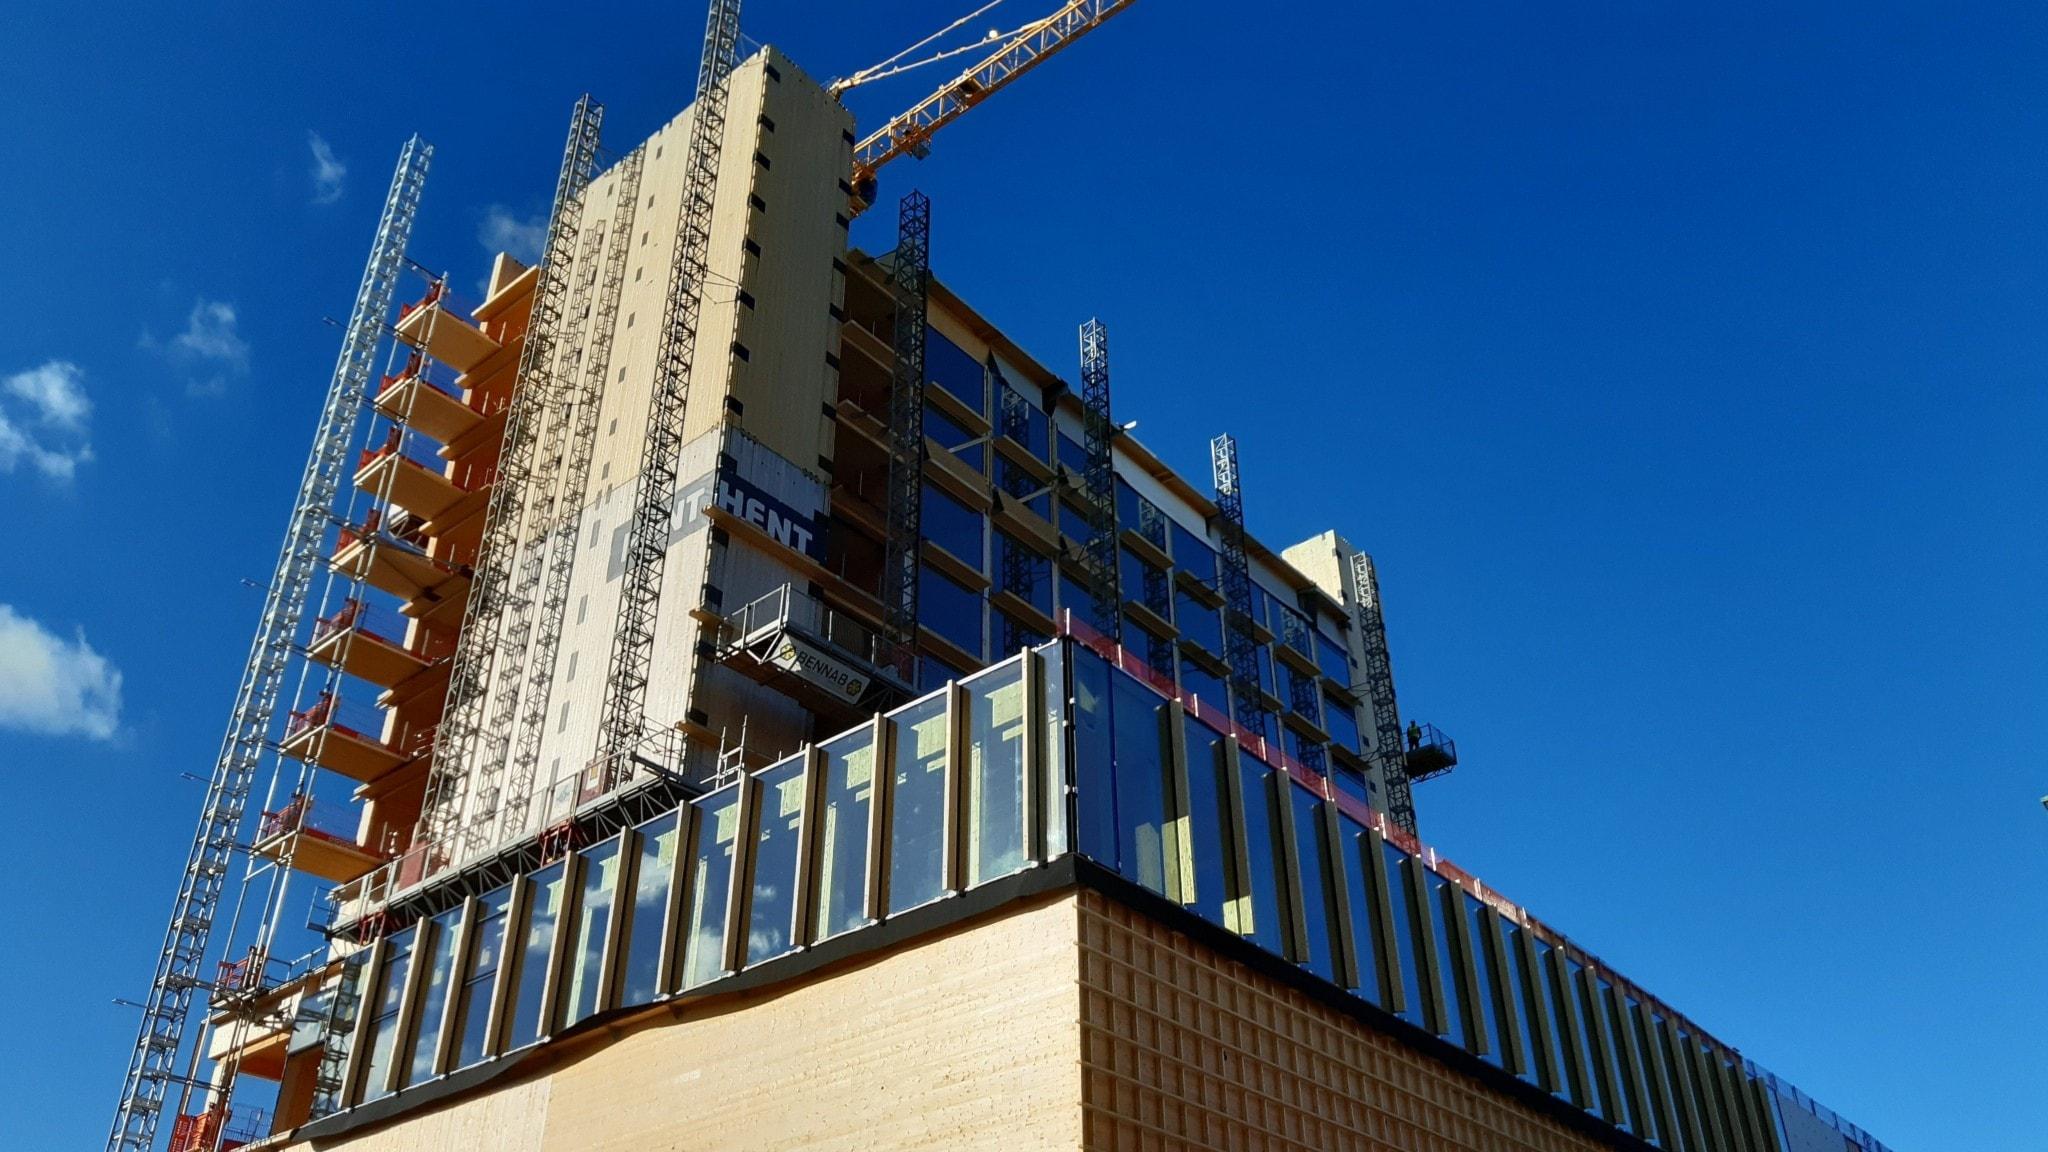 I centrala Skellefteå växer det nya kulturhuset fram. Av den höga hotelldelens tjugo våningar har elva våningar byggts hittills.